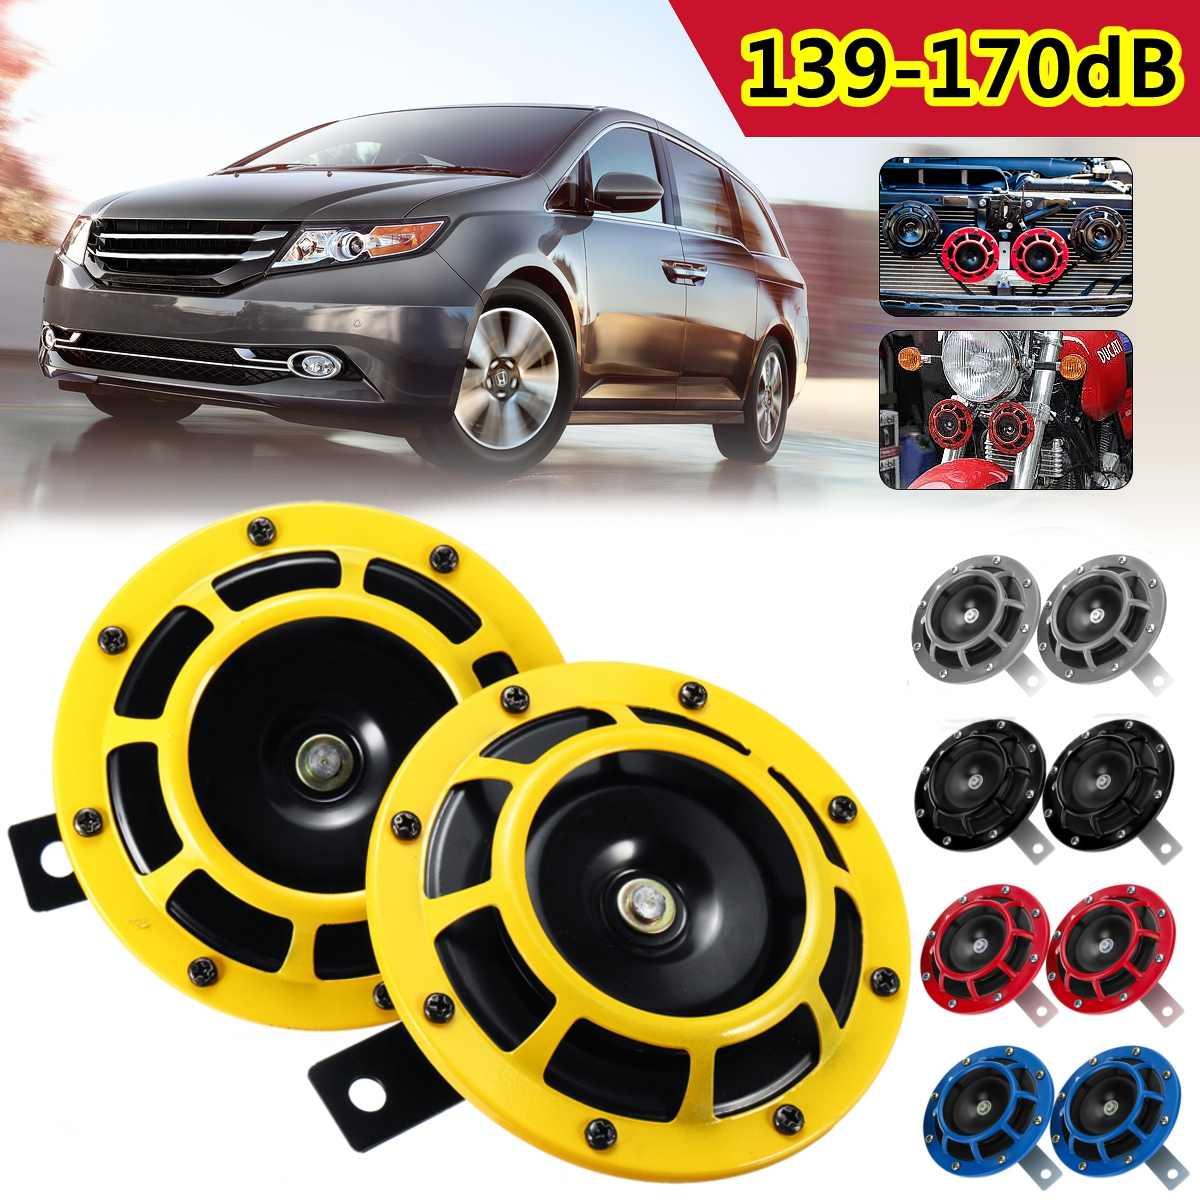 Универсальный Электрический рожковый сигнал для автомобиля, 12 В, 13 дБ, двойной супер-тон, сирена, двухтоновый Электрический насос, громкий в...